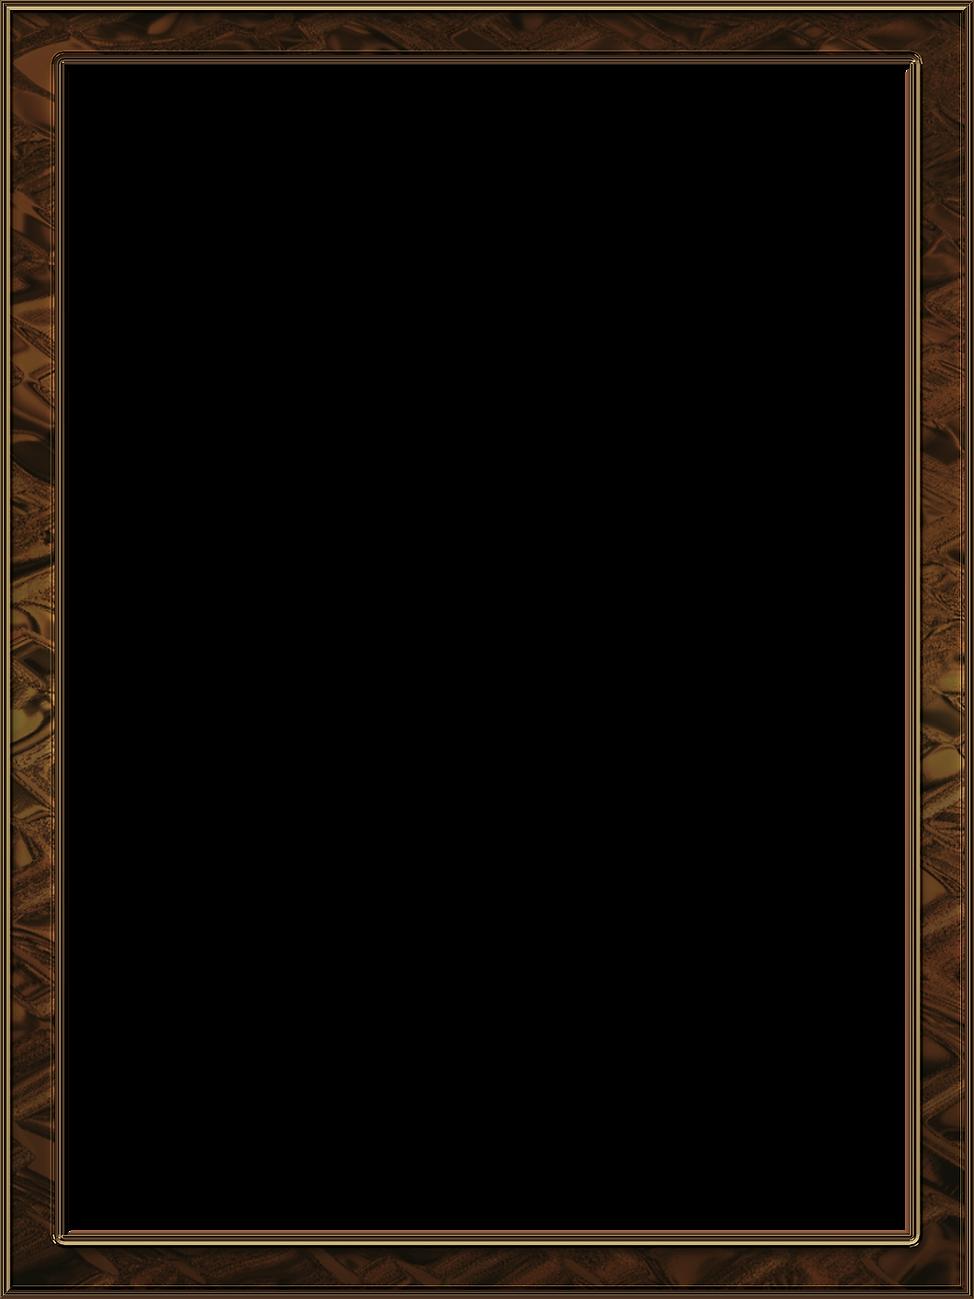 frame-2486548_1920.png